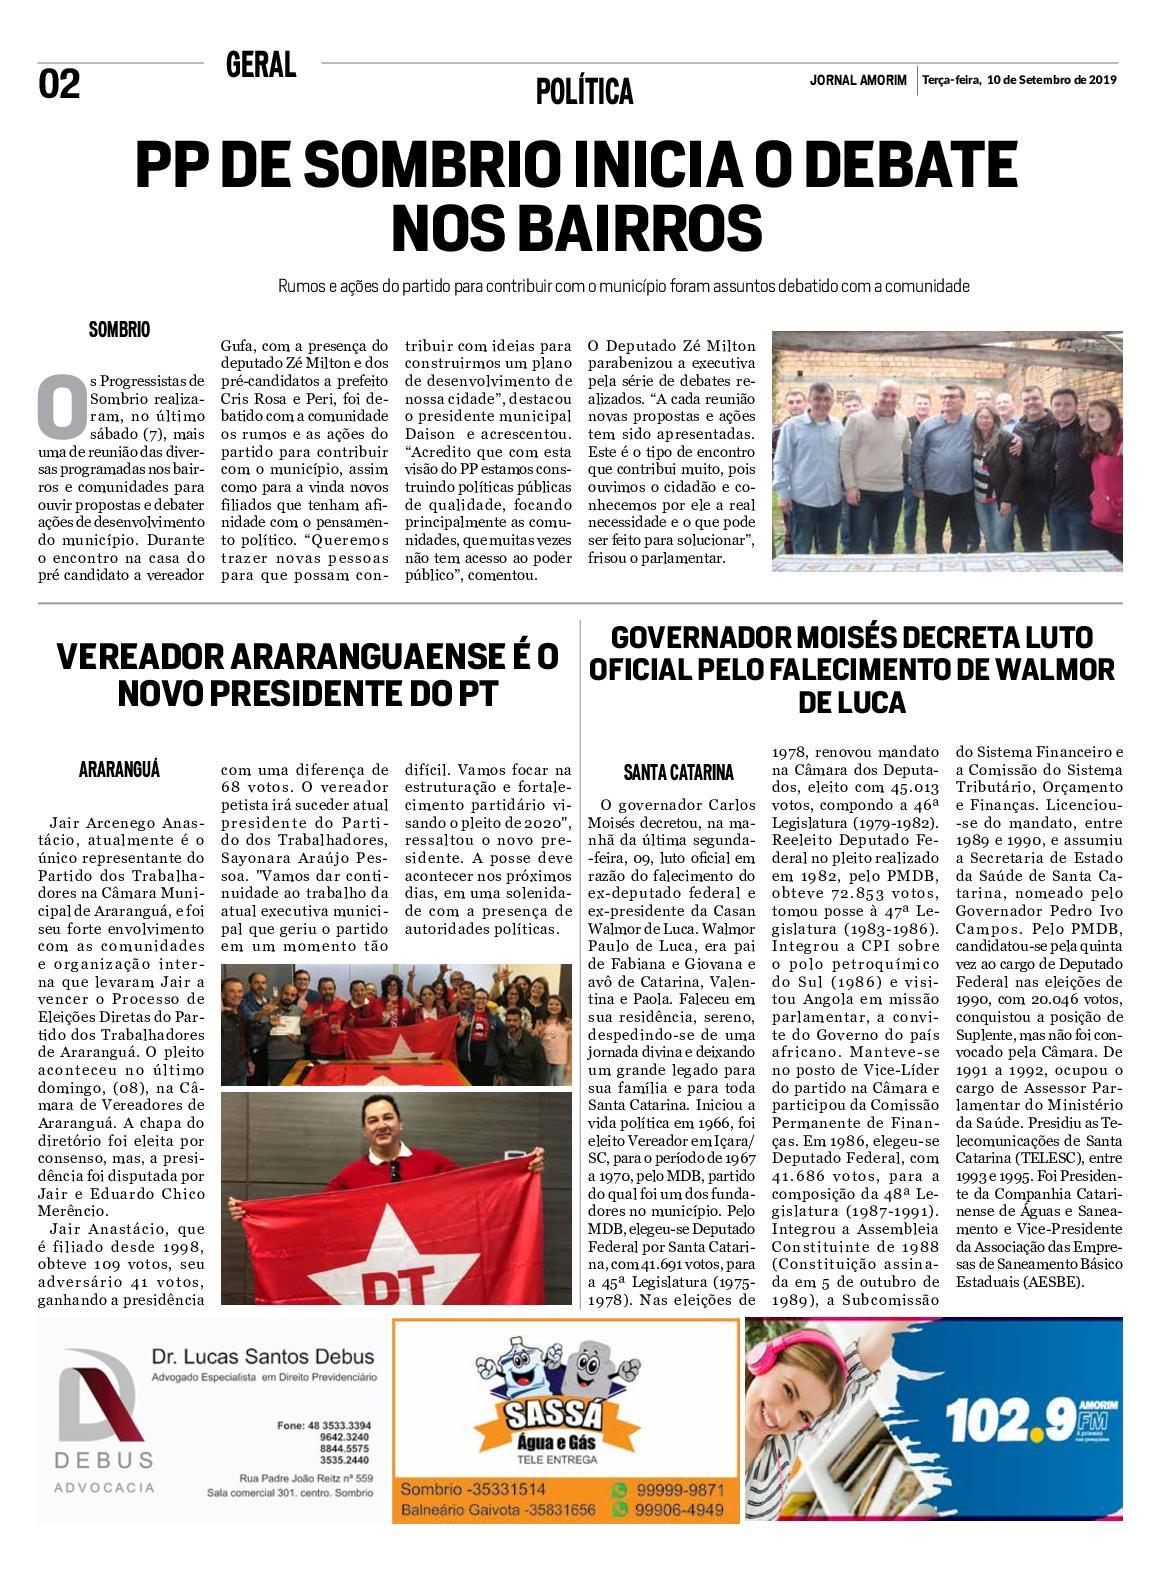 Jornal Amorim  10 09 19 2019